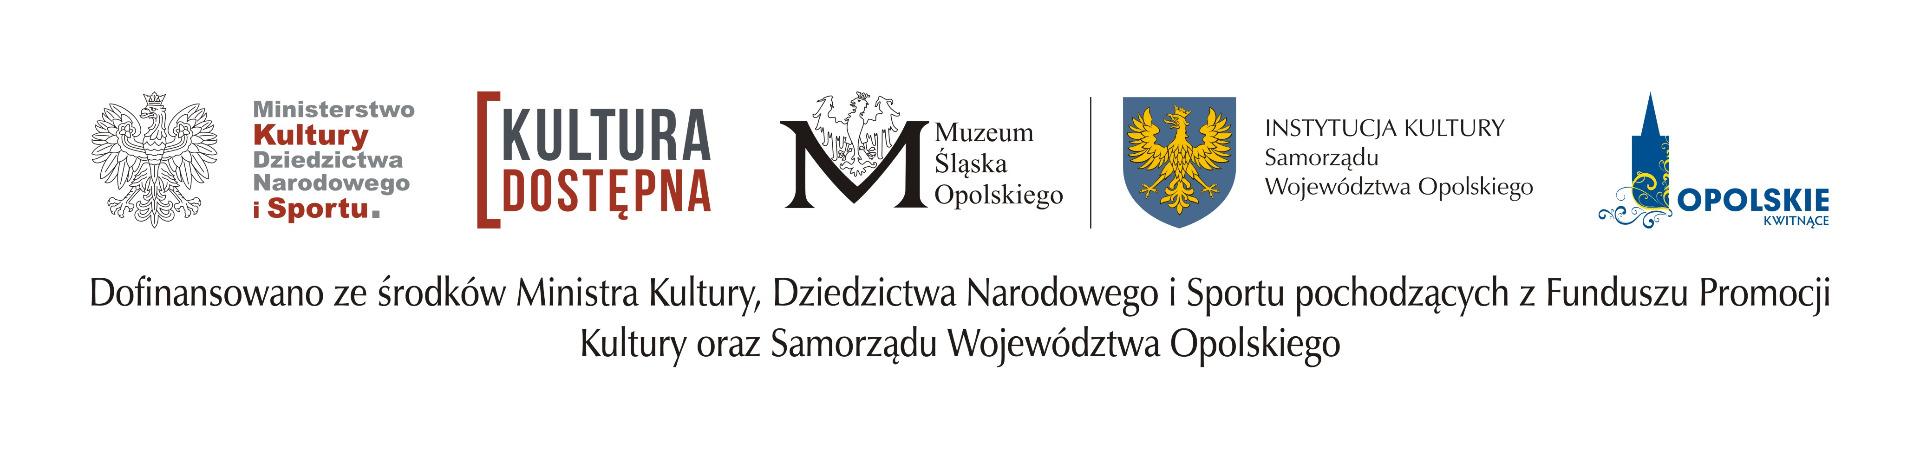 logotypy projektu